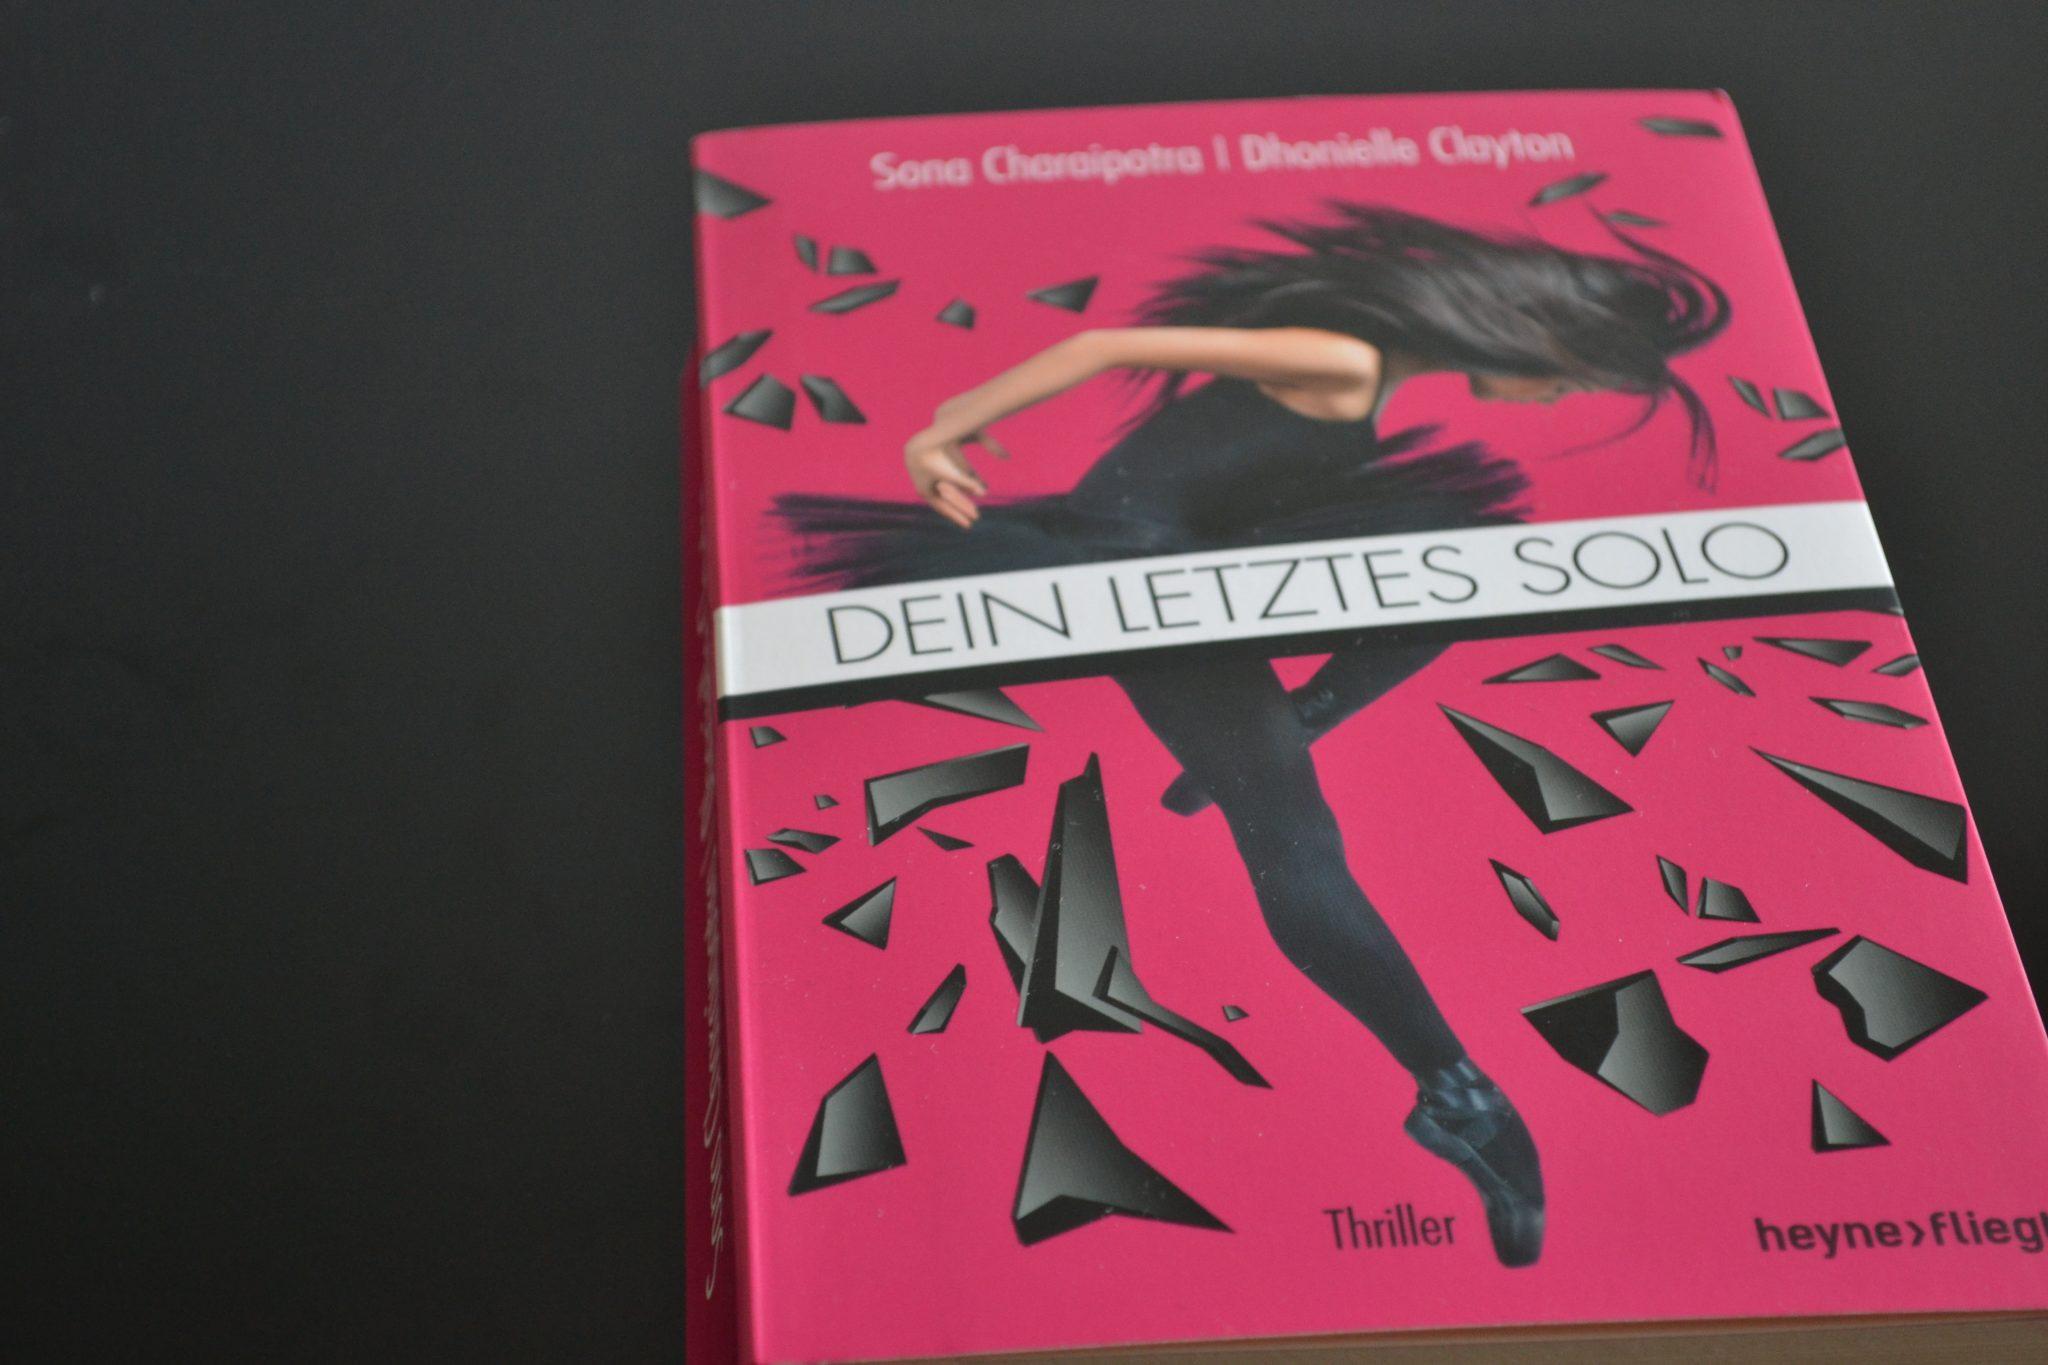 Books: Dein letztes Solo | Sona Charaipotra & Dhonielle Clayton